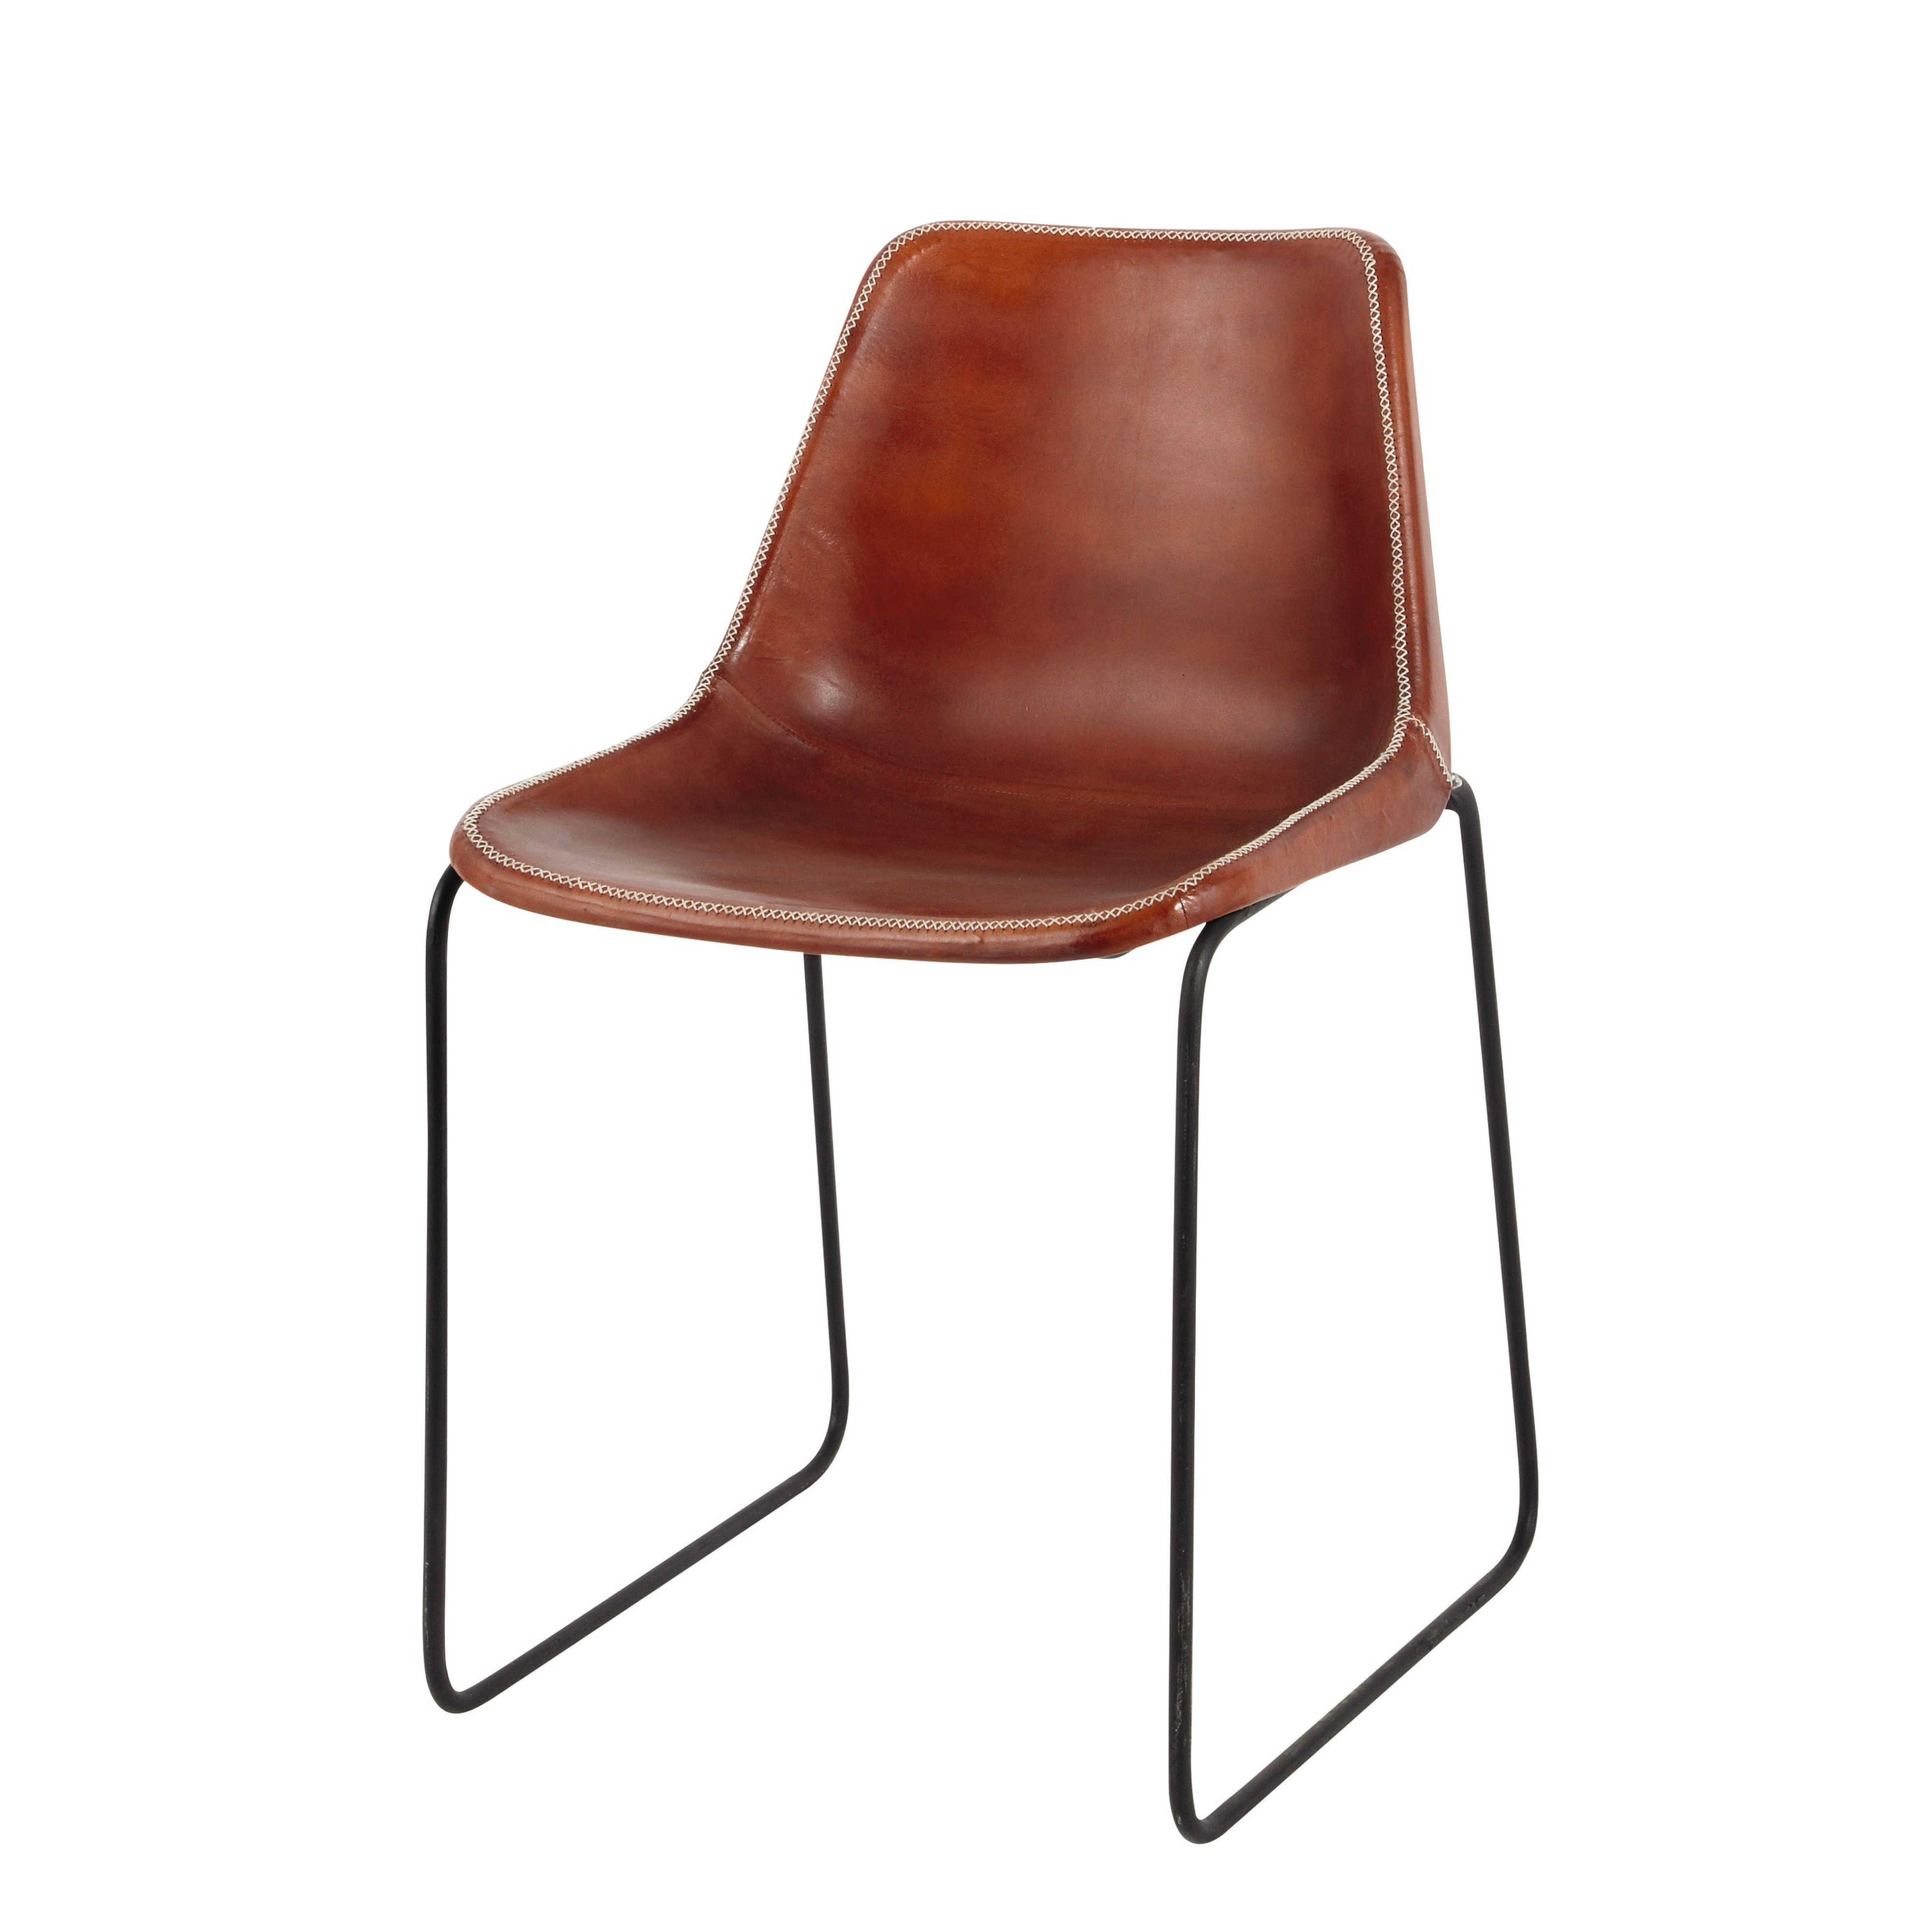 chaise en cuir et métal camel waterloo | maisons du monde | idées